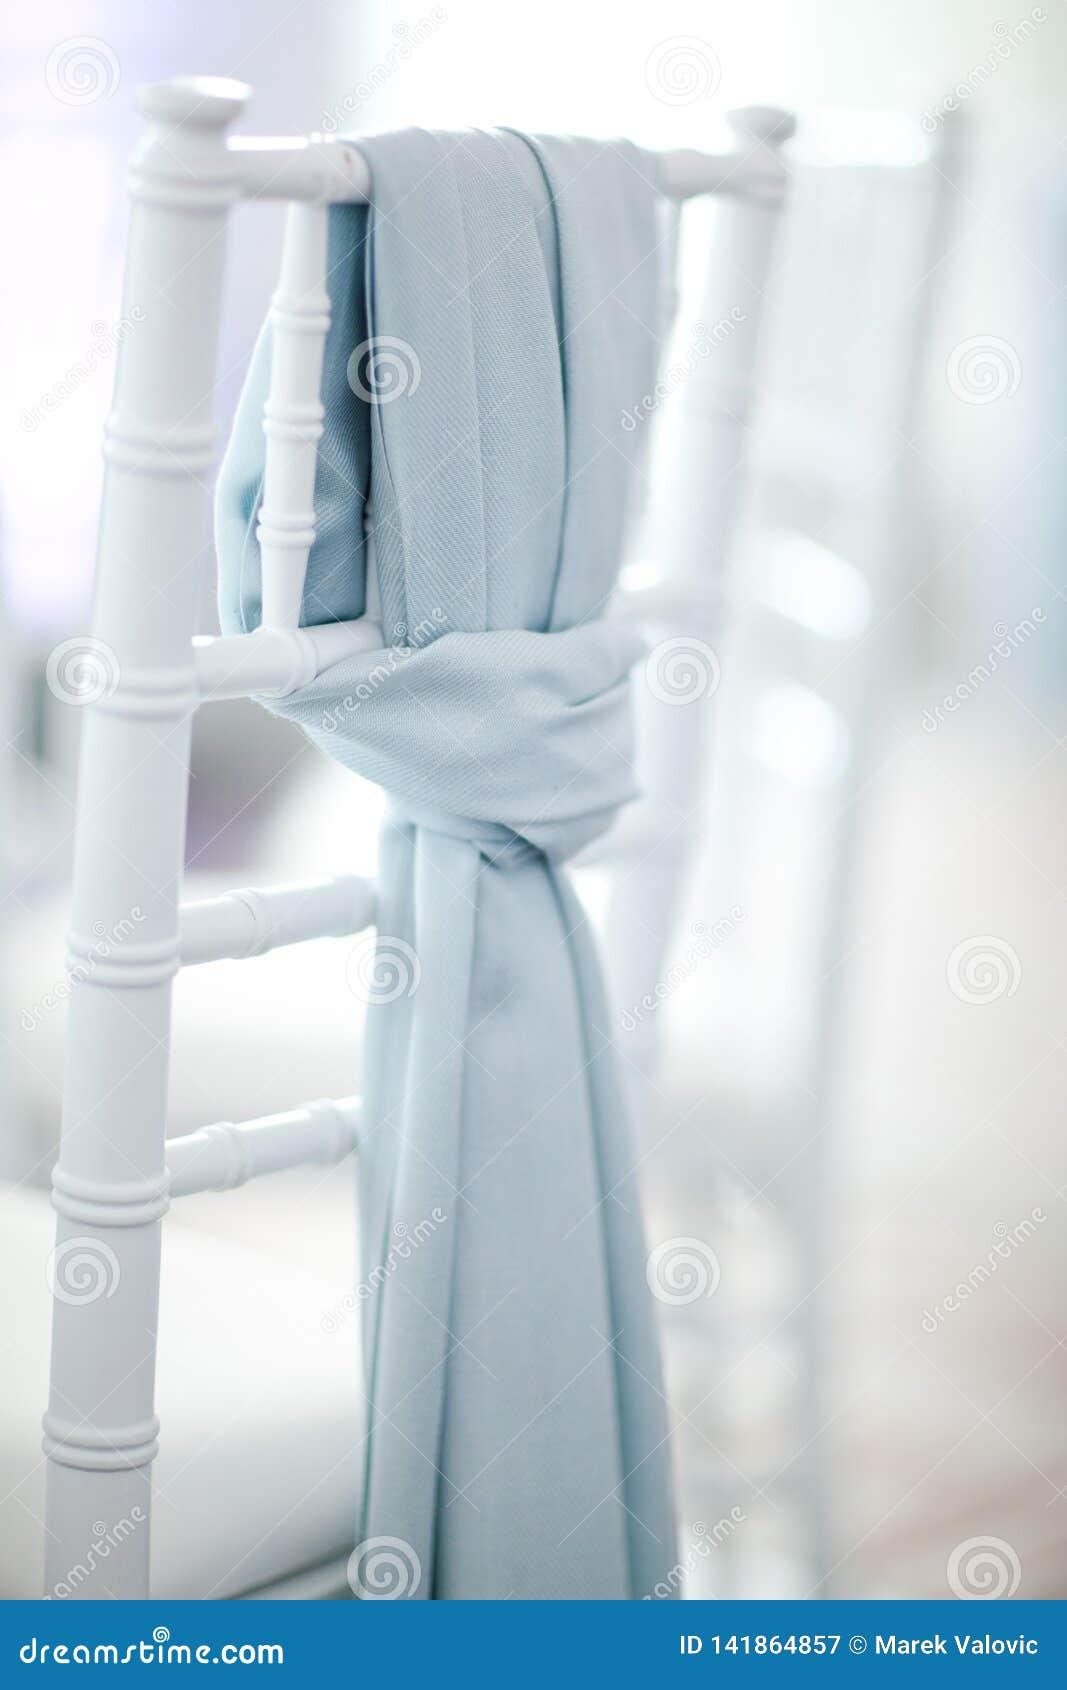 Błękitny szalik na białym ślubu krześle - Skupiającym się na szaliku